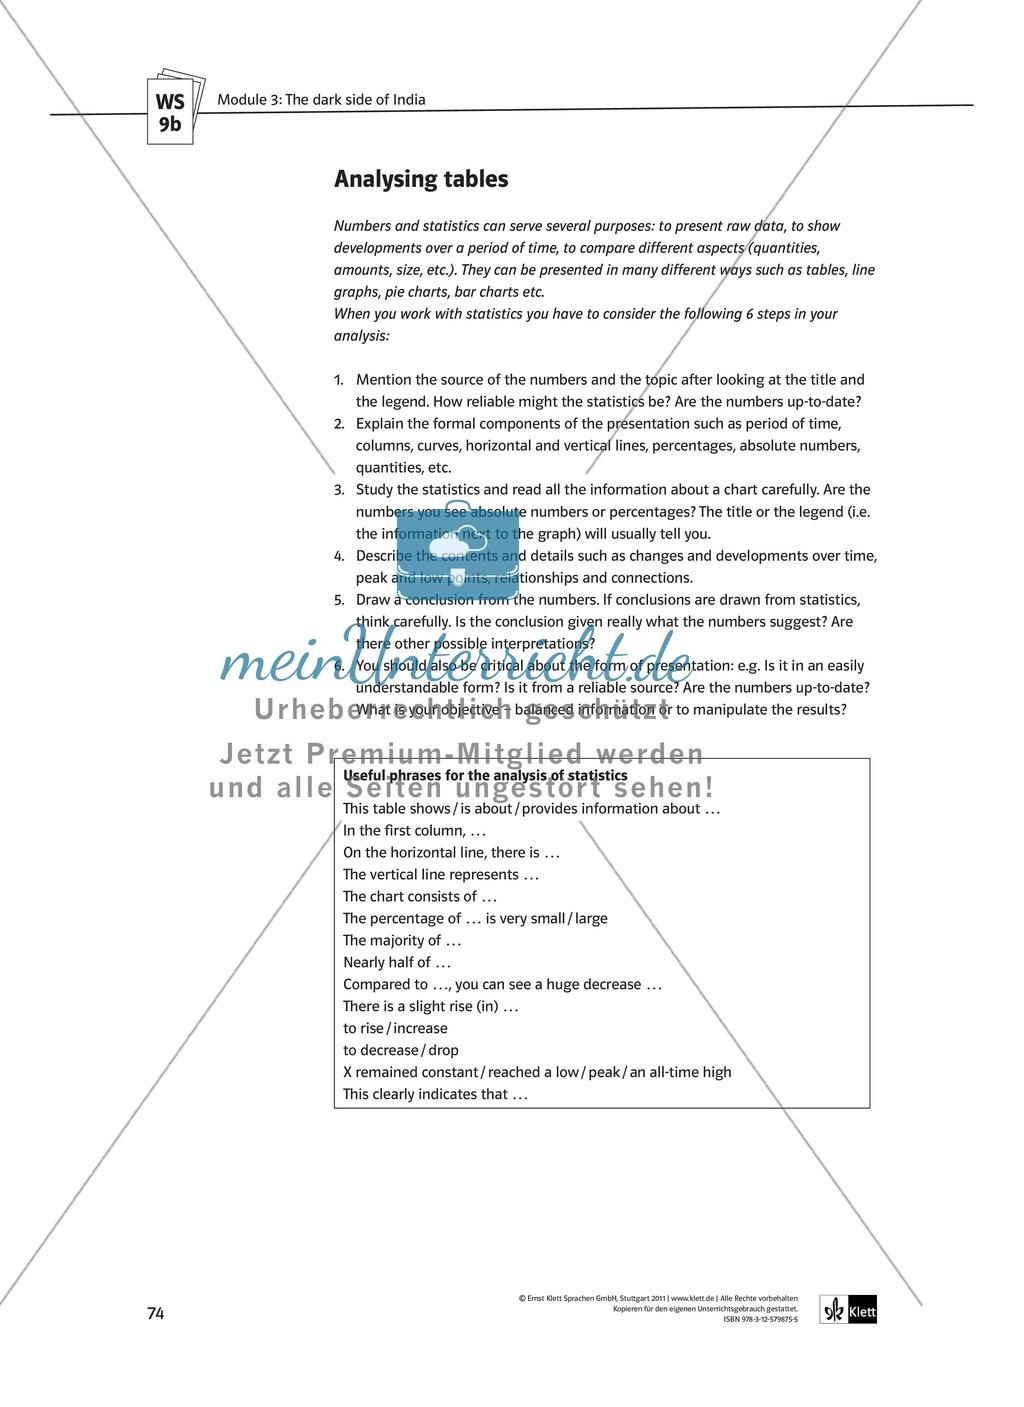 The media in India: Bollywood movies and international TV: Sachanalyse + Lernziele + Unterrichtseinheiten + Kopiervorlagen Preview 26